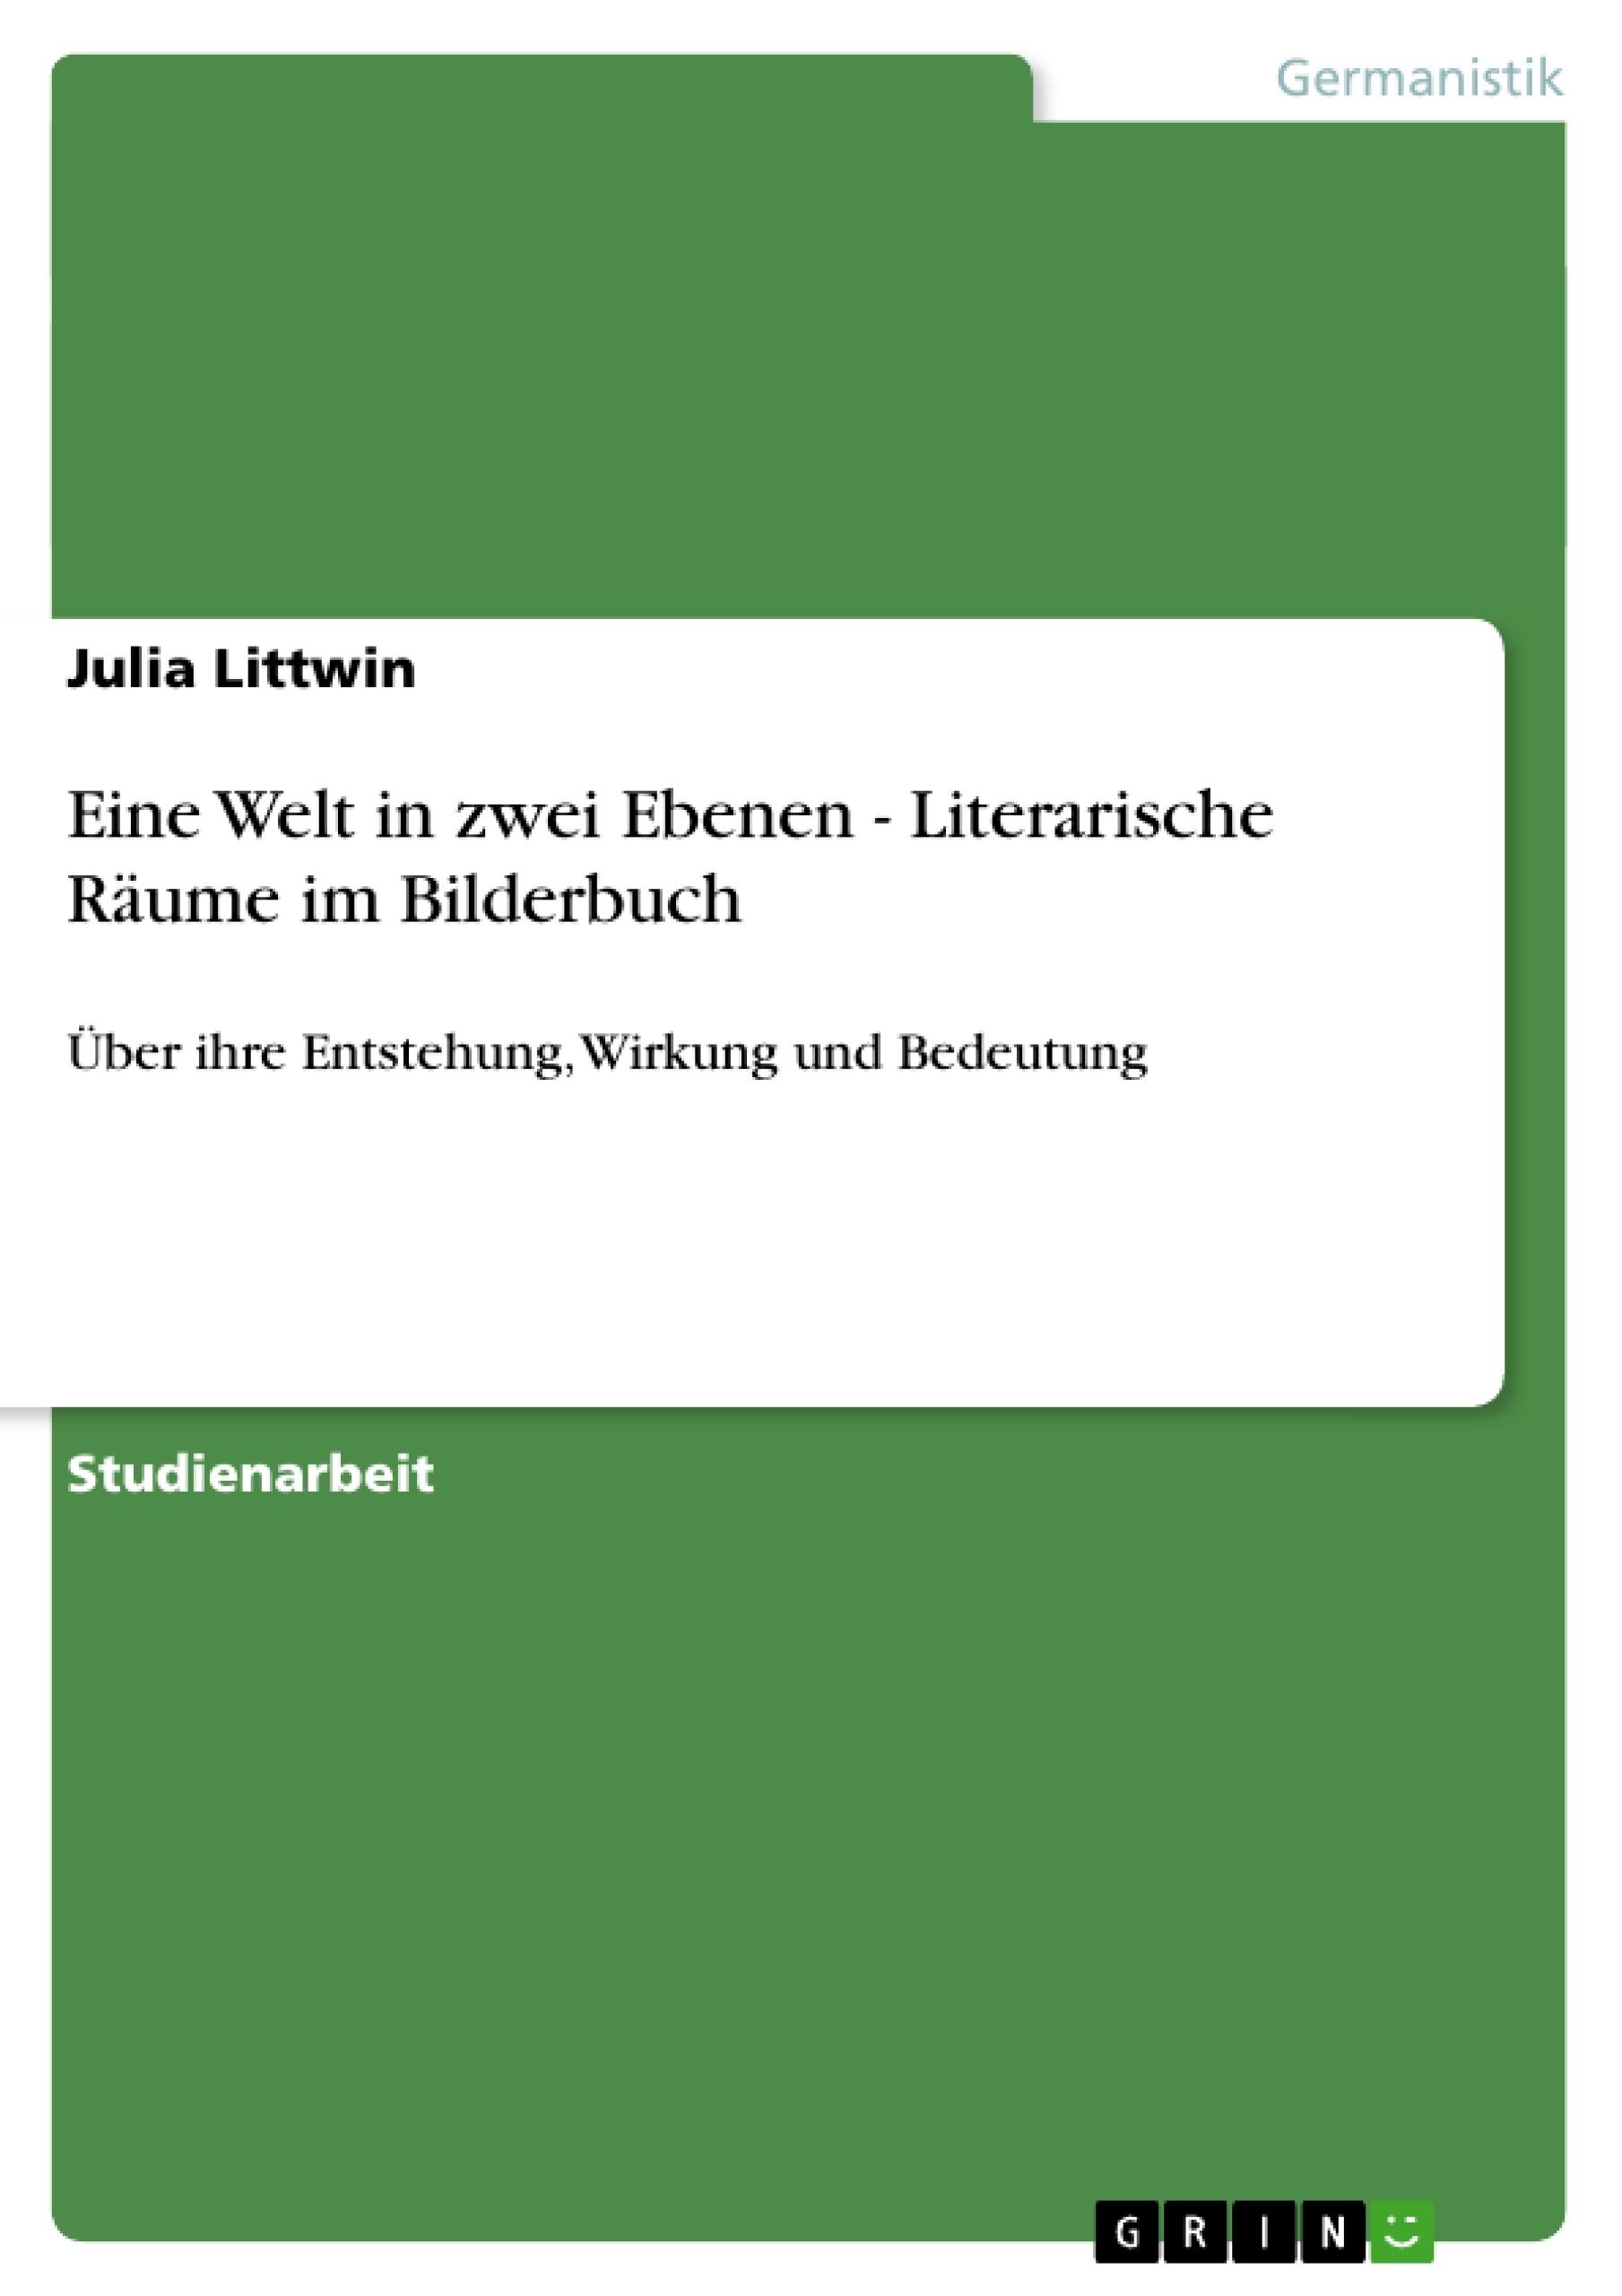 Titel: Eine Welt in zwei Ebenen - Literarische Räume im Bilderbuch